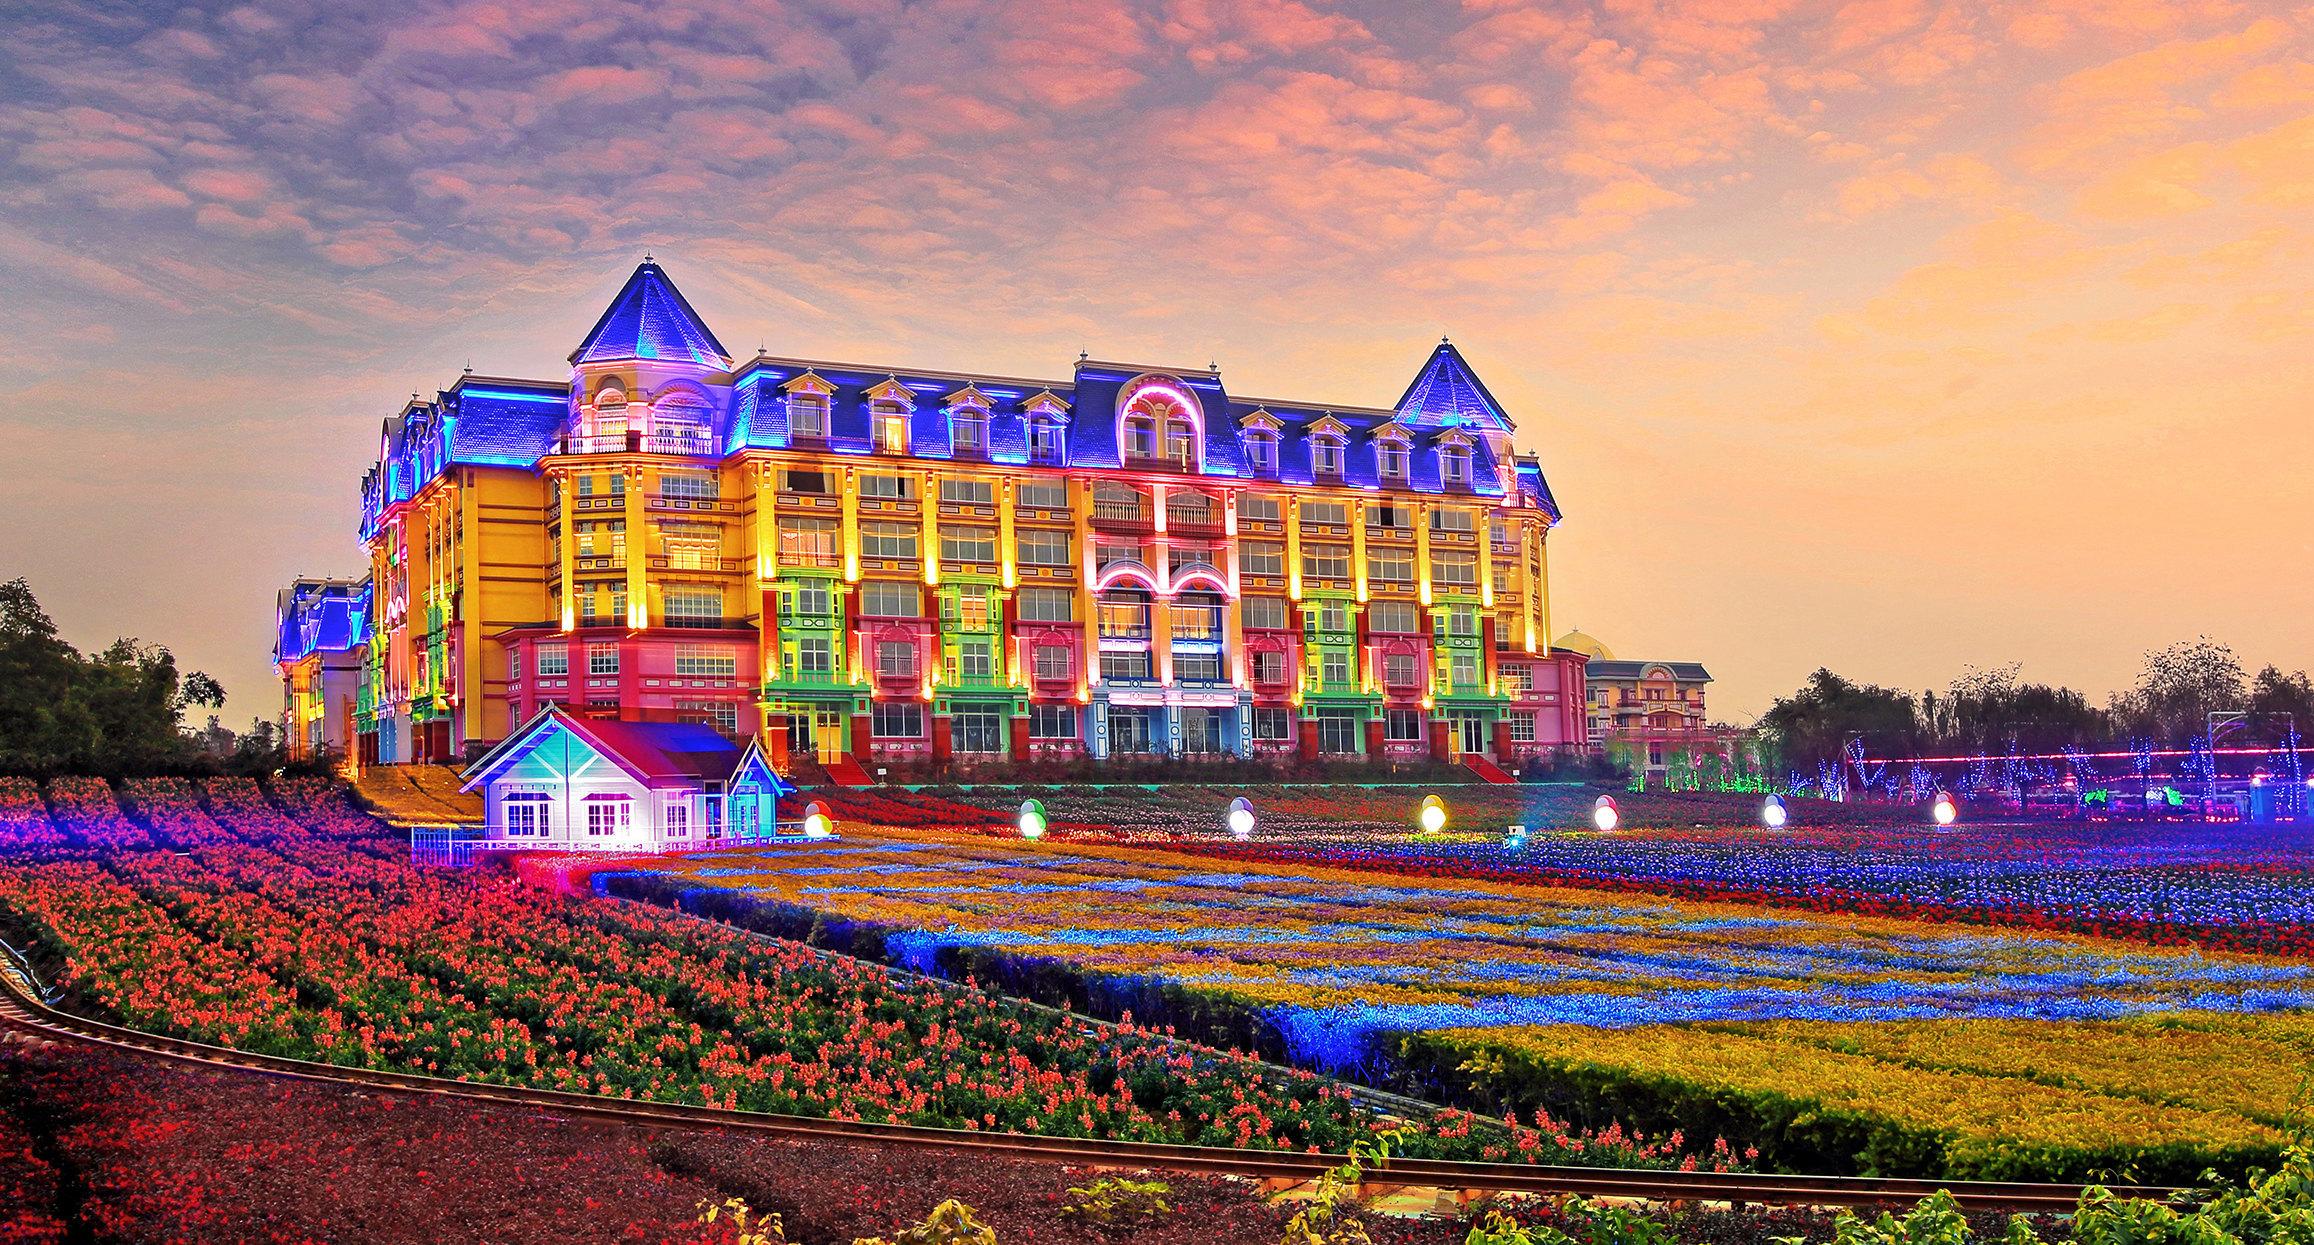 广州花之恋国际城堡酒店双人两天一夜百万葵园